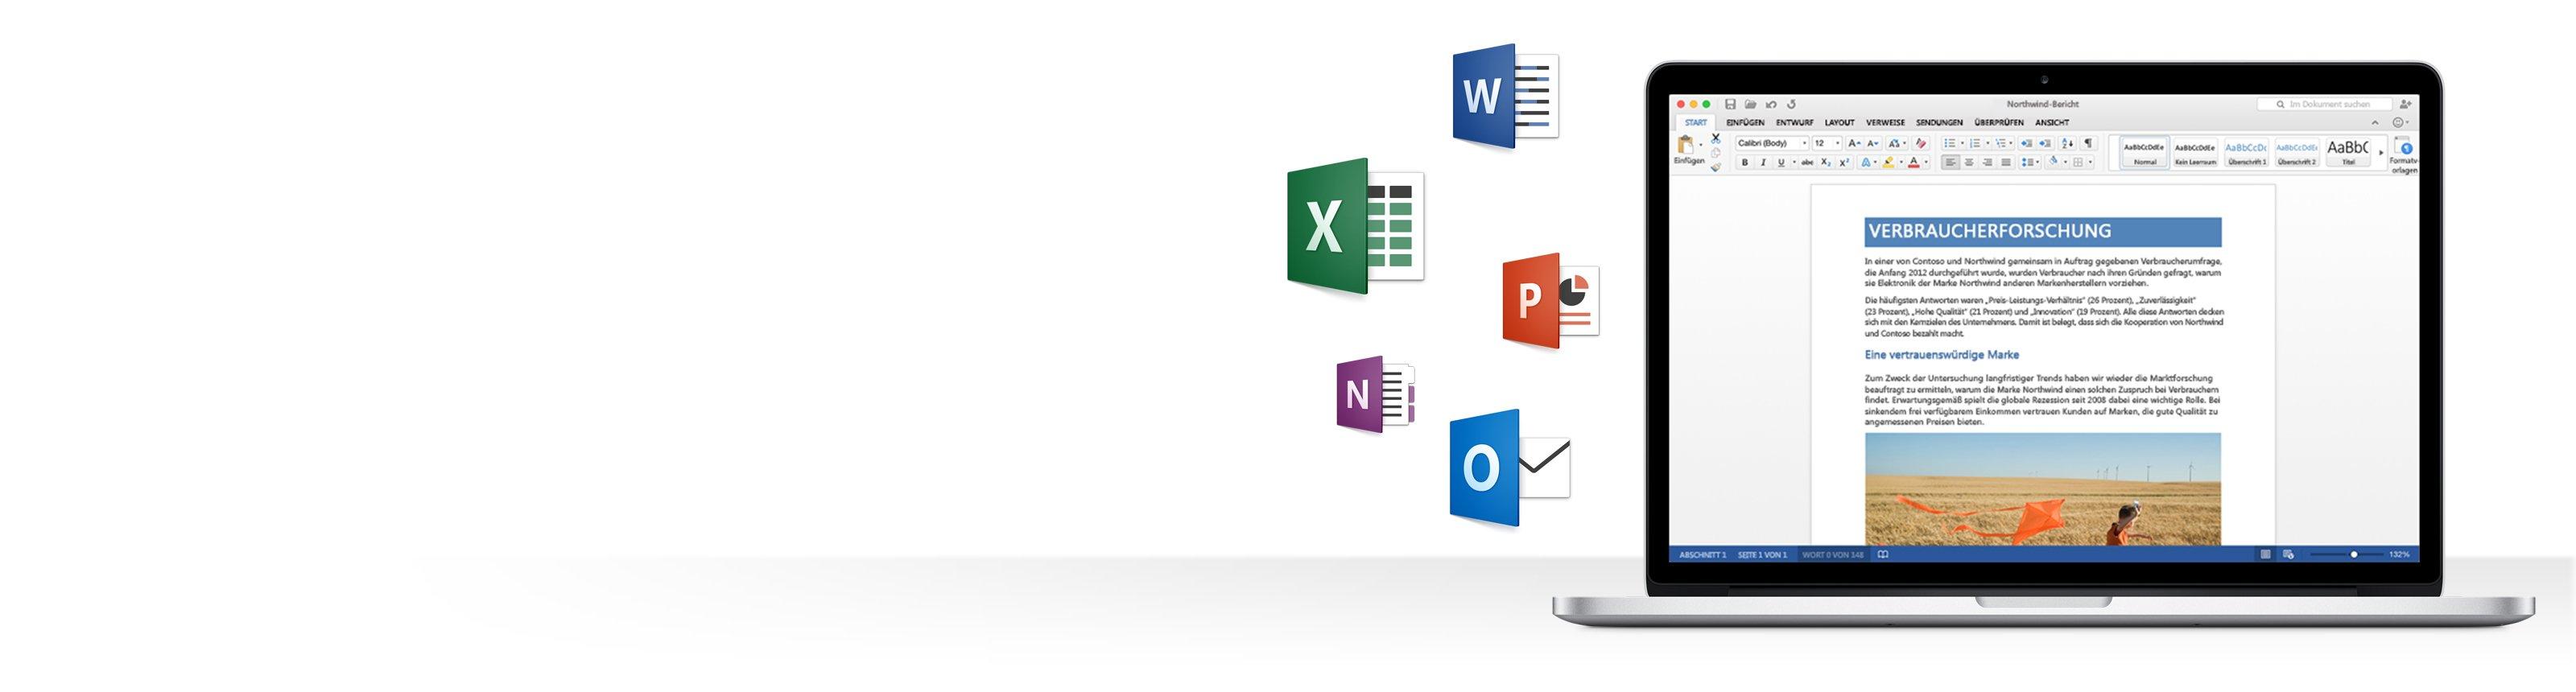 Office für Mac – neue version jetzt schon testen